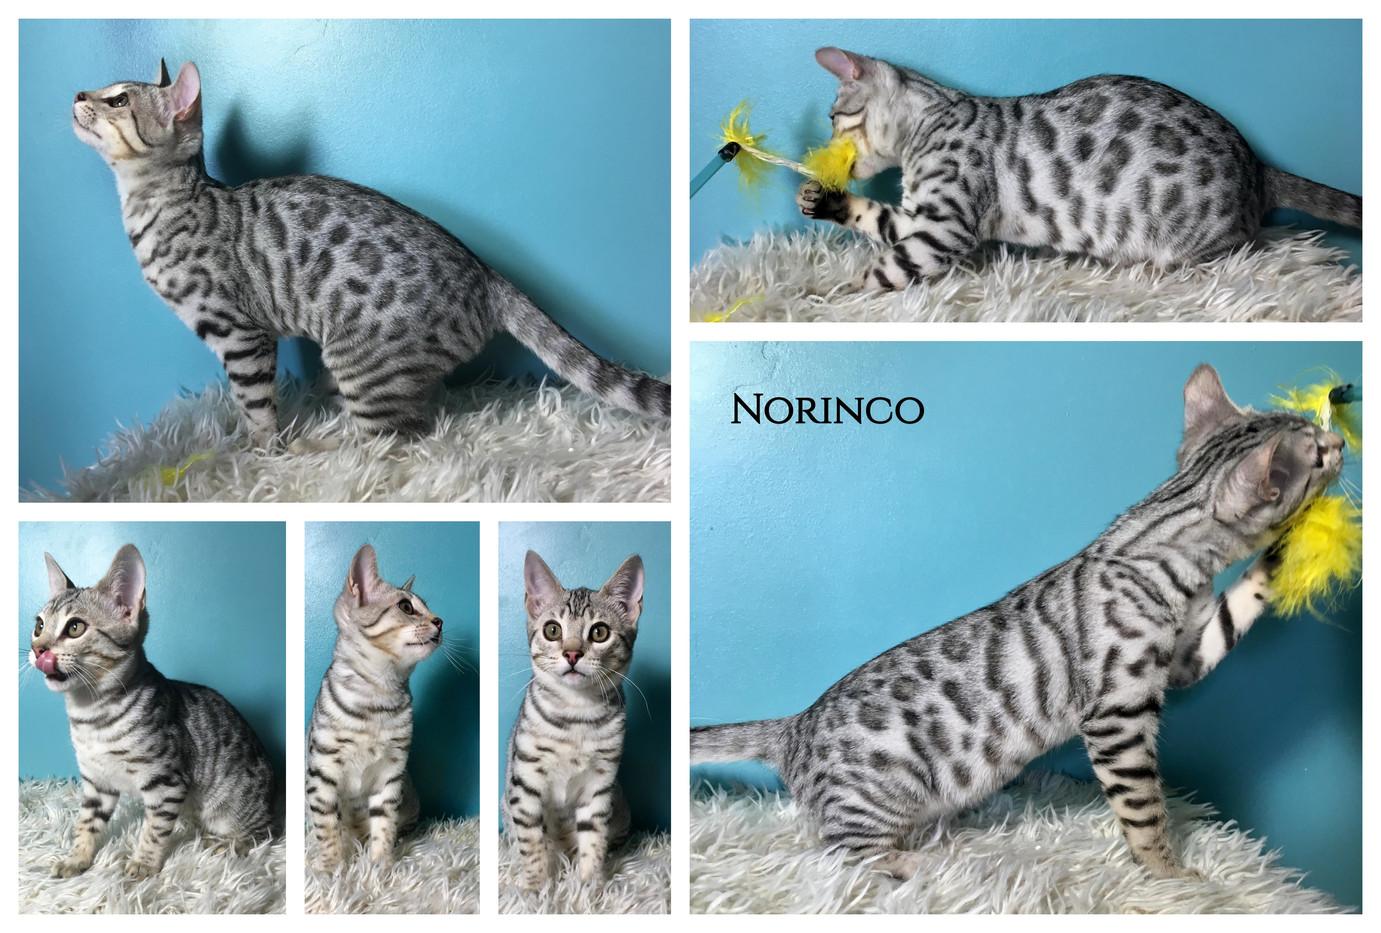 Norinco 17 weeks.jpg